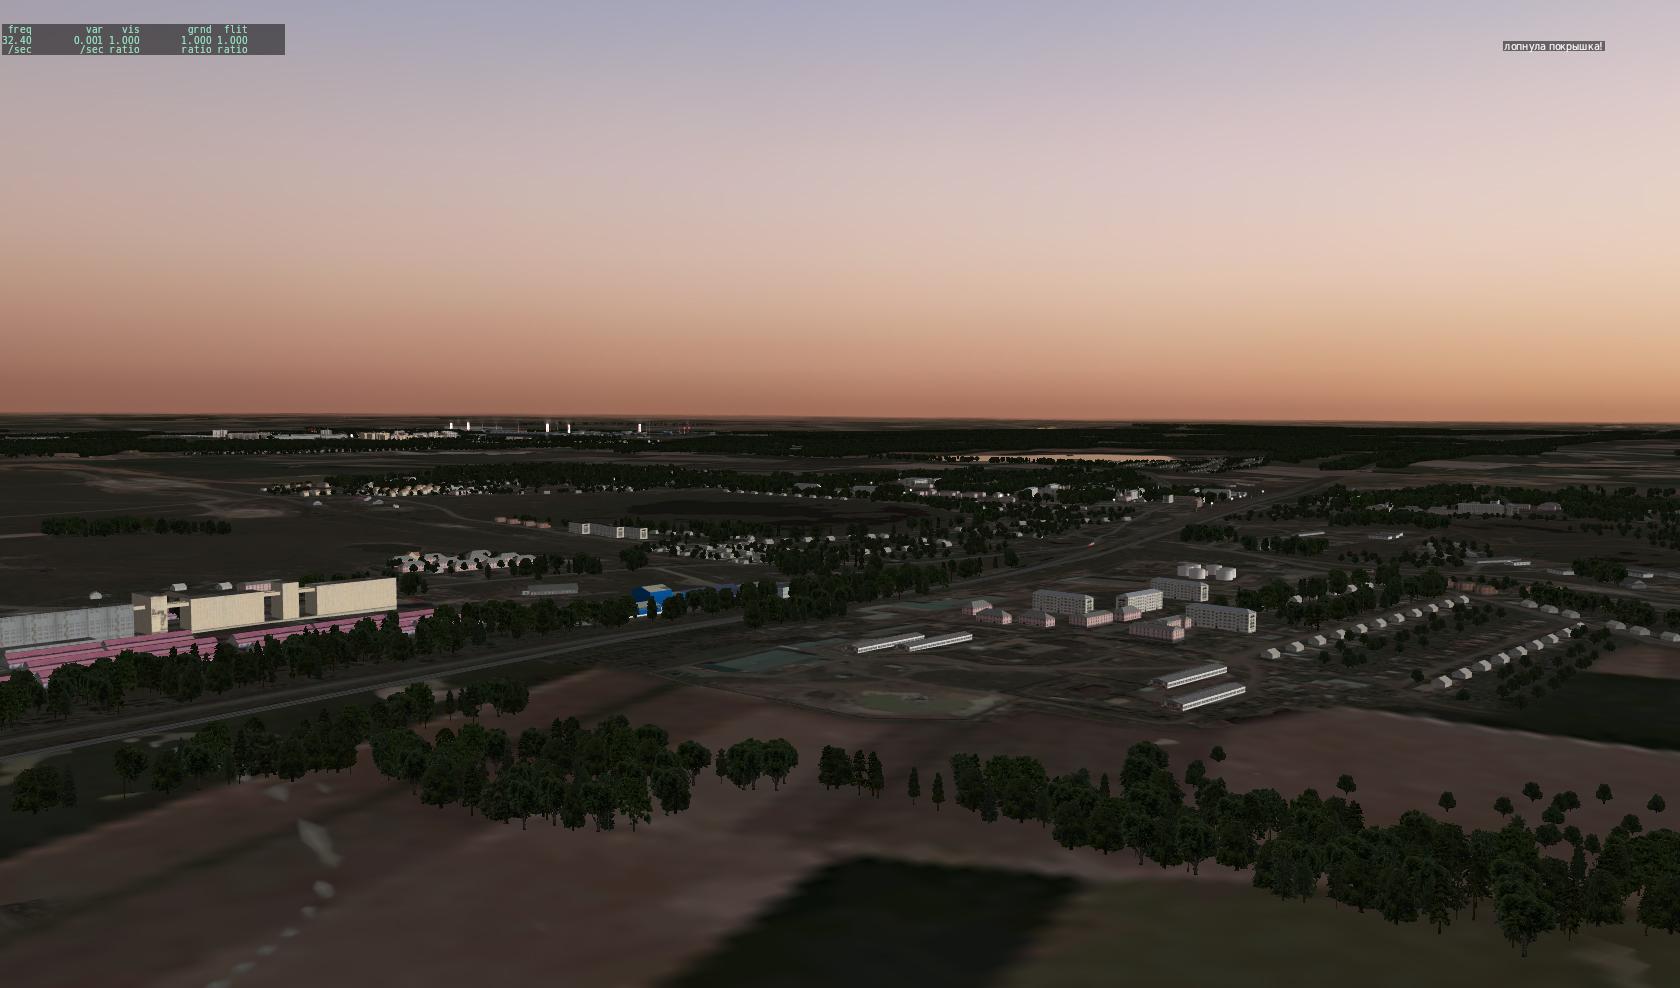 На авиабазе упрун под южноуральском прошли тренировочные полеты руководящего состава